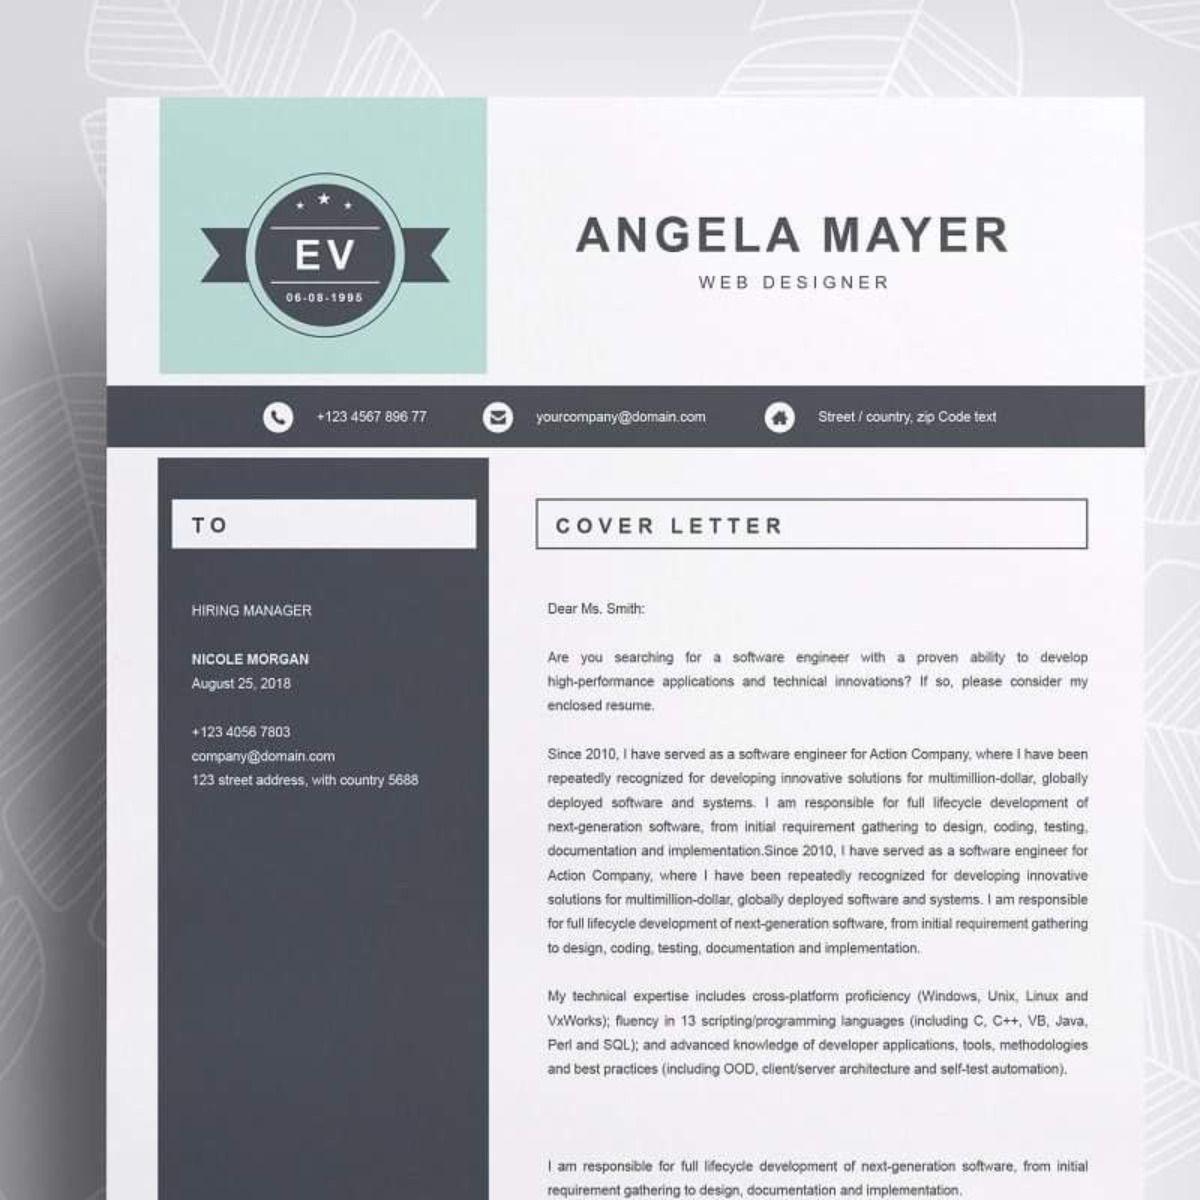 Angela Créatif CV et lettre de présentation Modèle cv